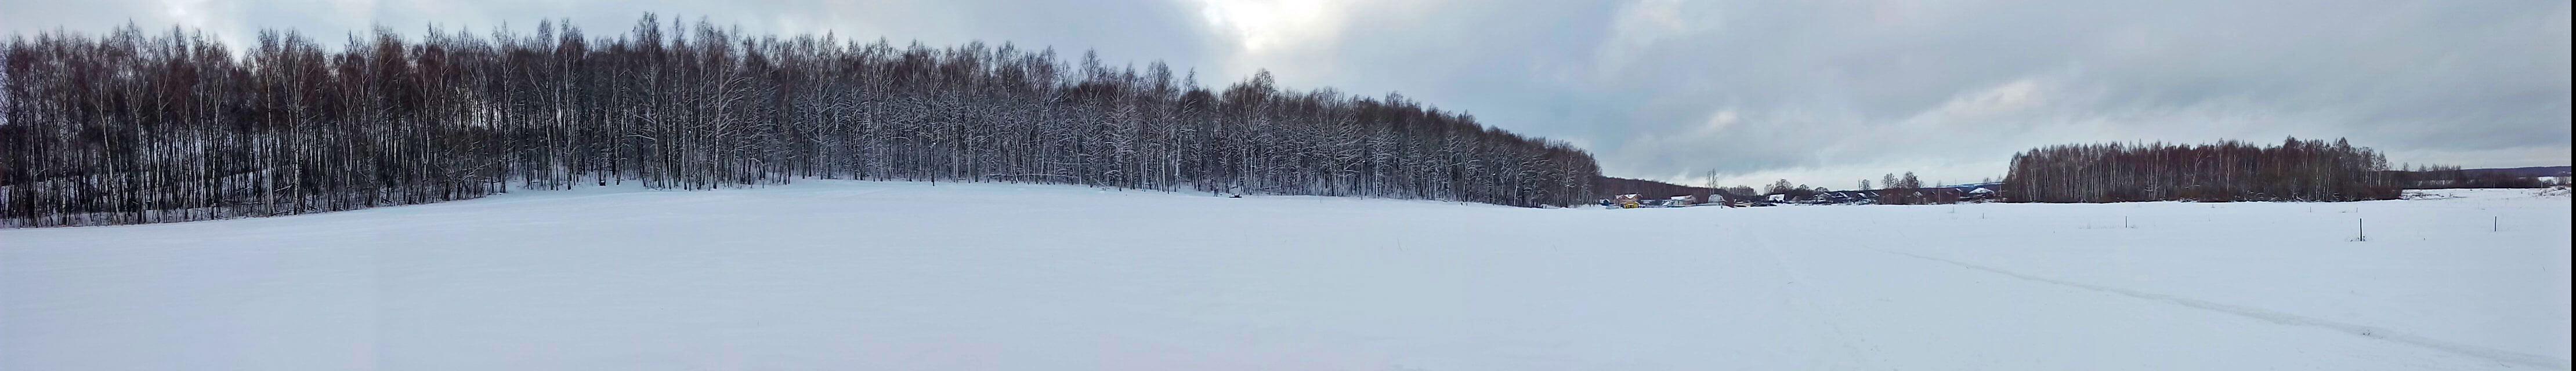 Фото спортивного комплекса - Подолино (панорама) Ярославский район